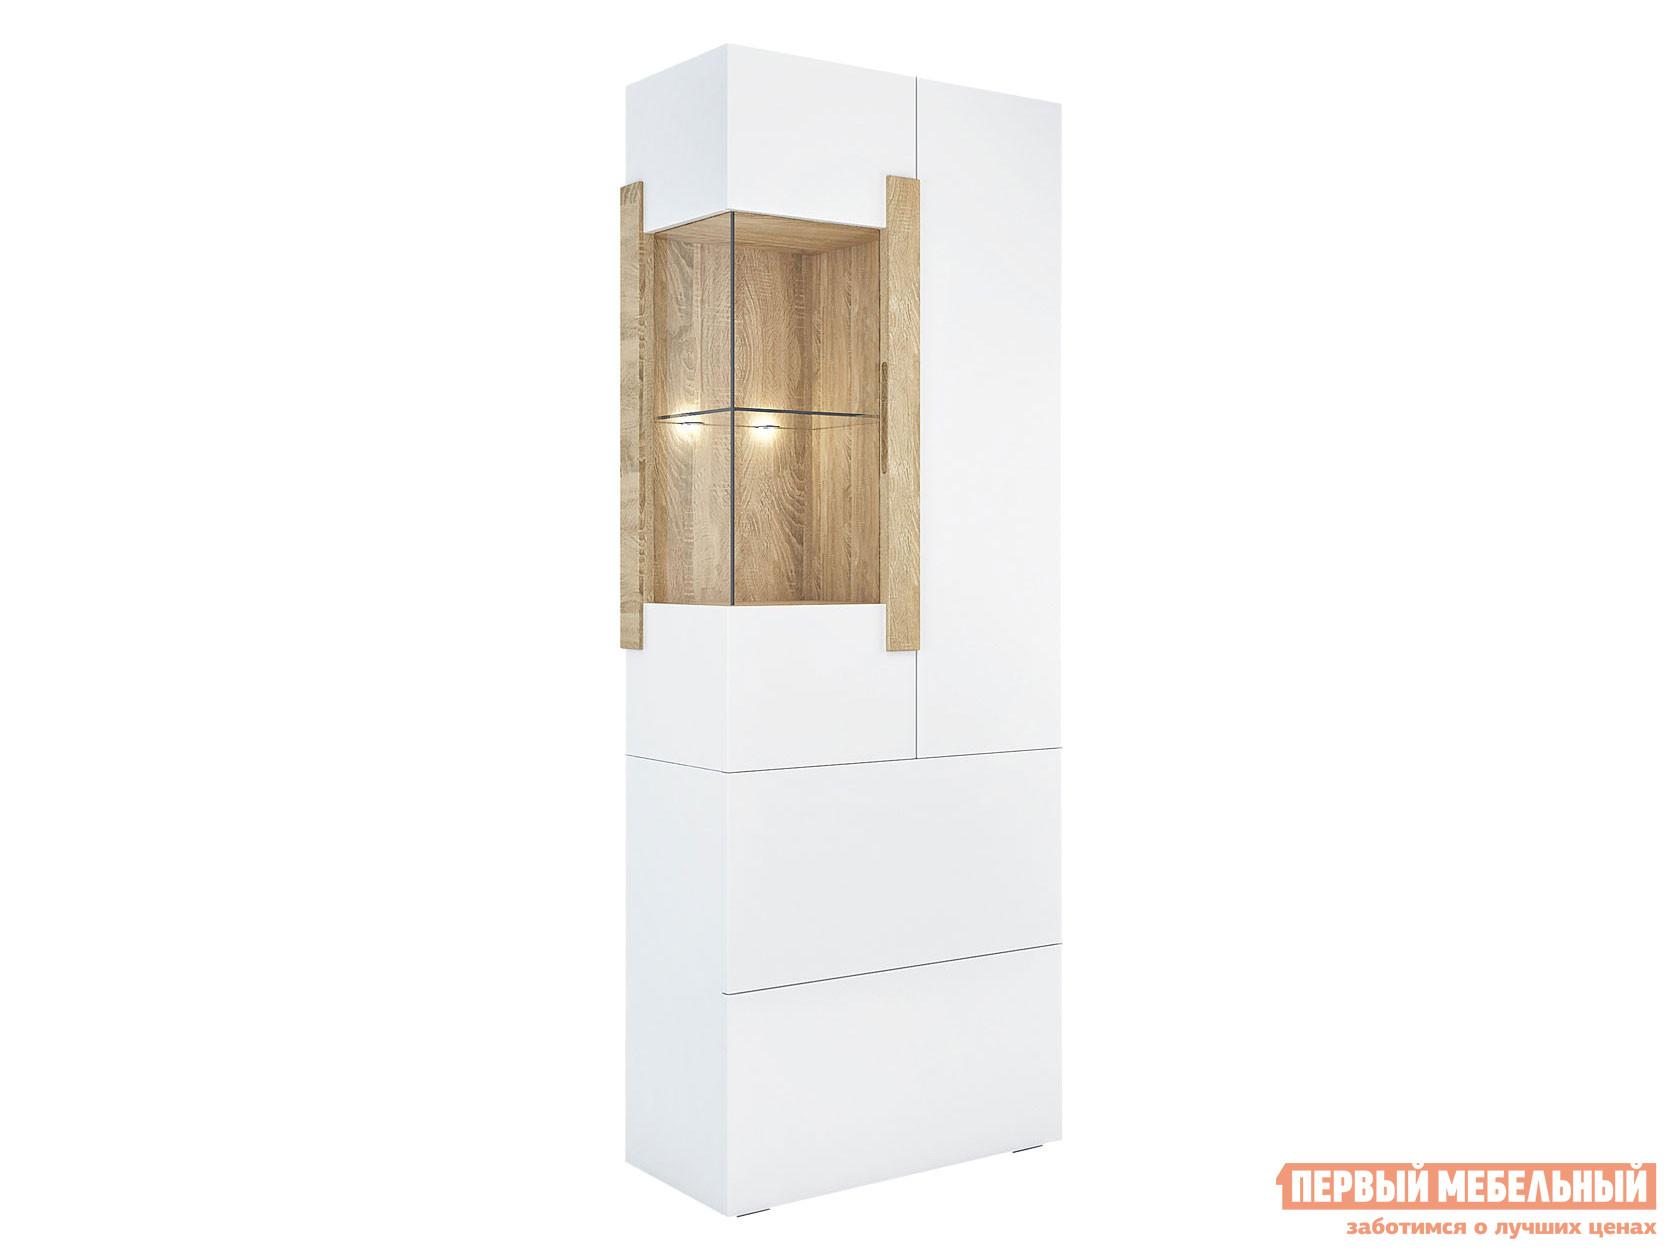 Шкаф-витрина Первый Мебельный 1704.М3/1714.М3